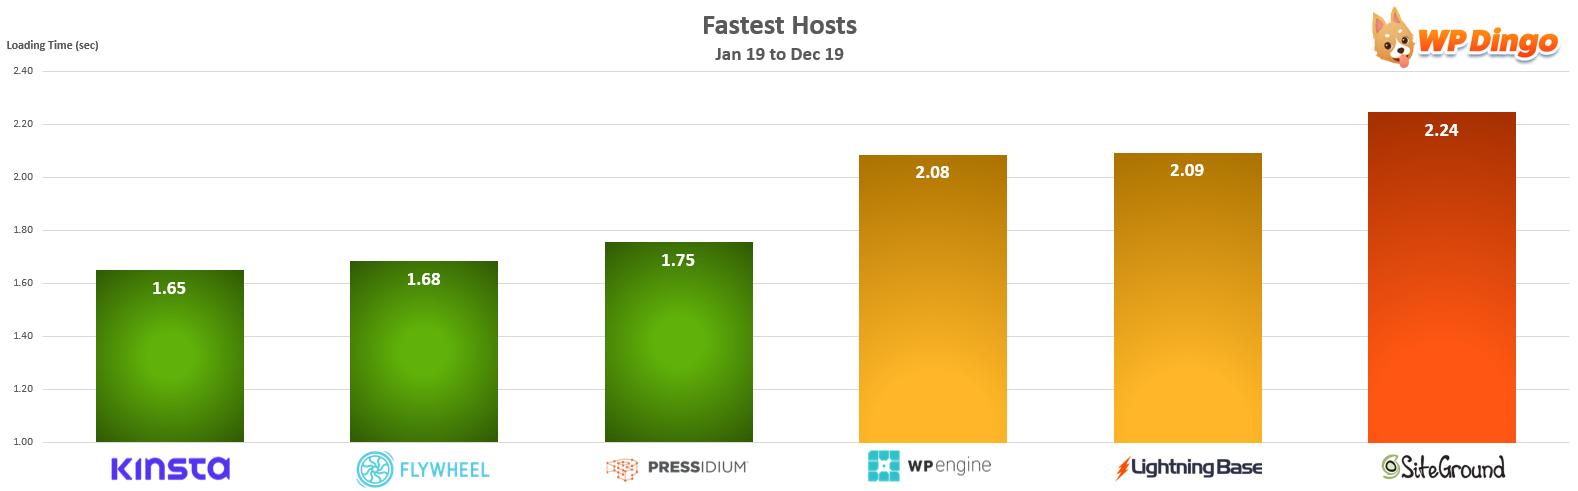 Fastest Hosts Chart - Jan 2019 to Dec 2019